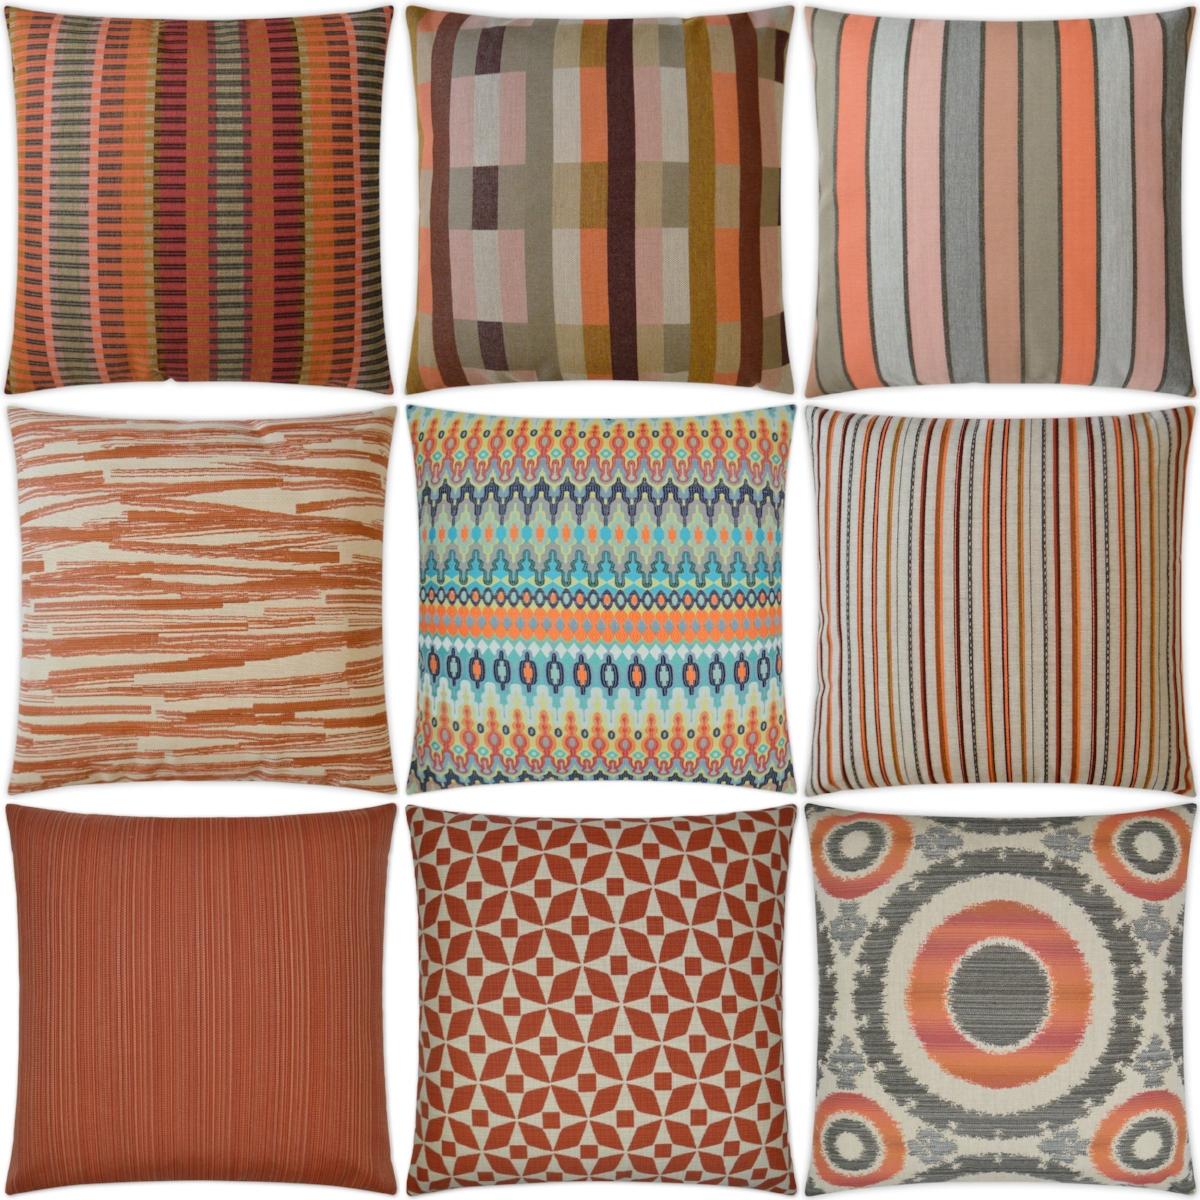 sunset series outdoor pillows 2.jpg